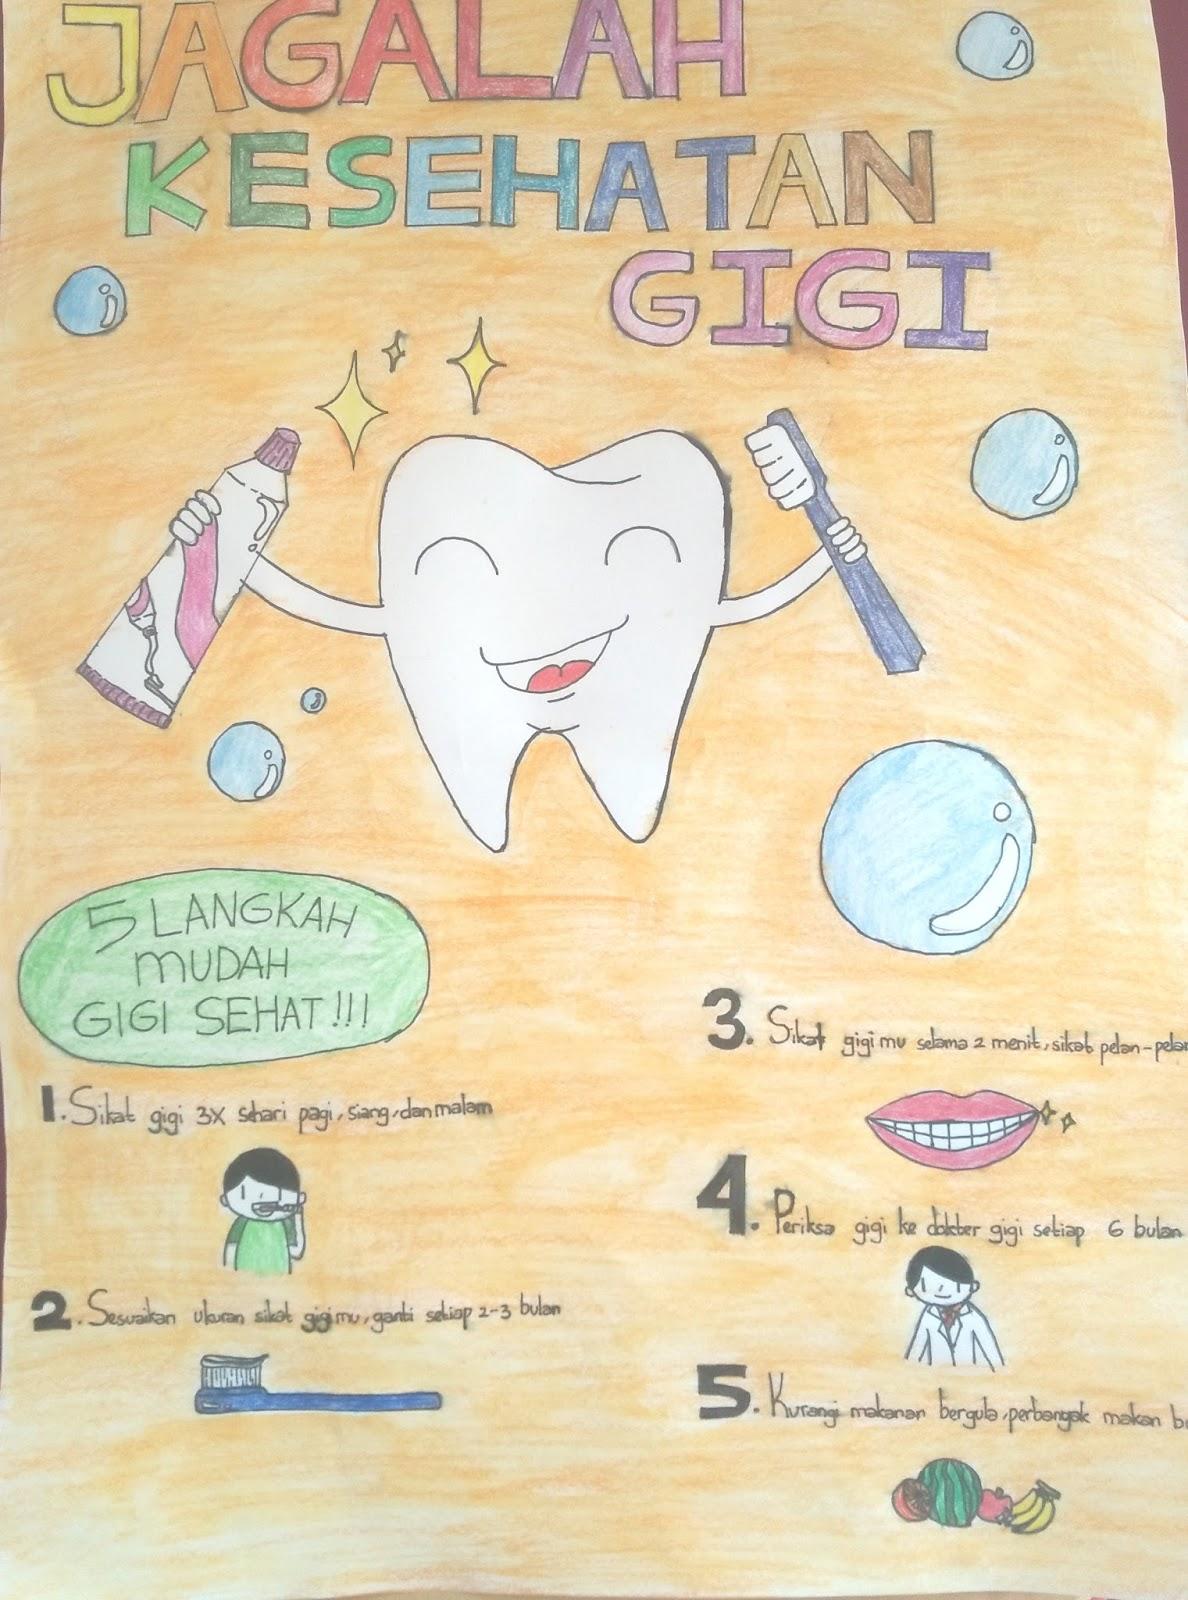 Hidup Sehat Contoh Gambar Poster Kesehatan Yang Mudah Digambar